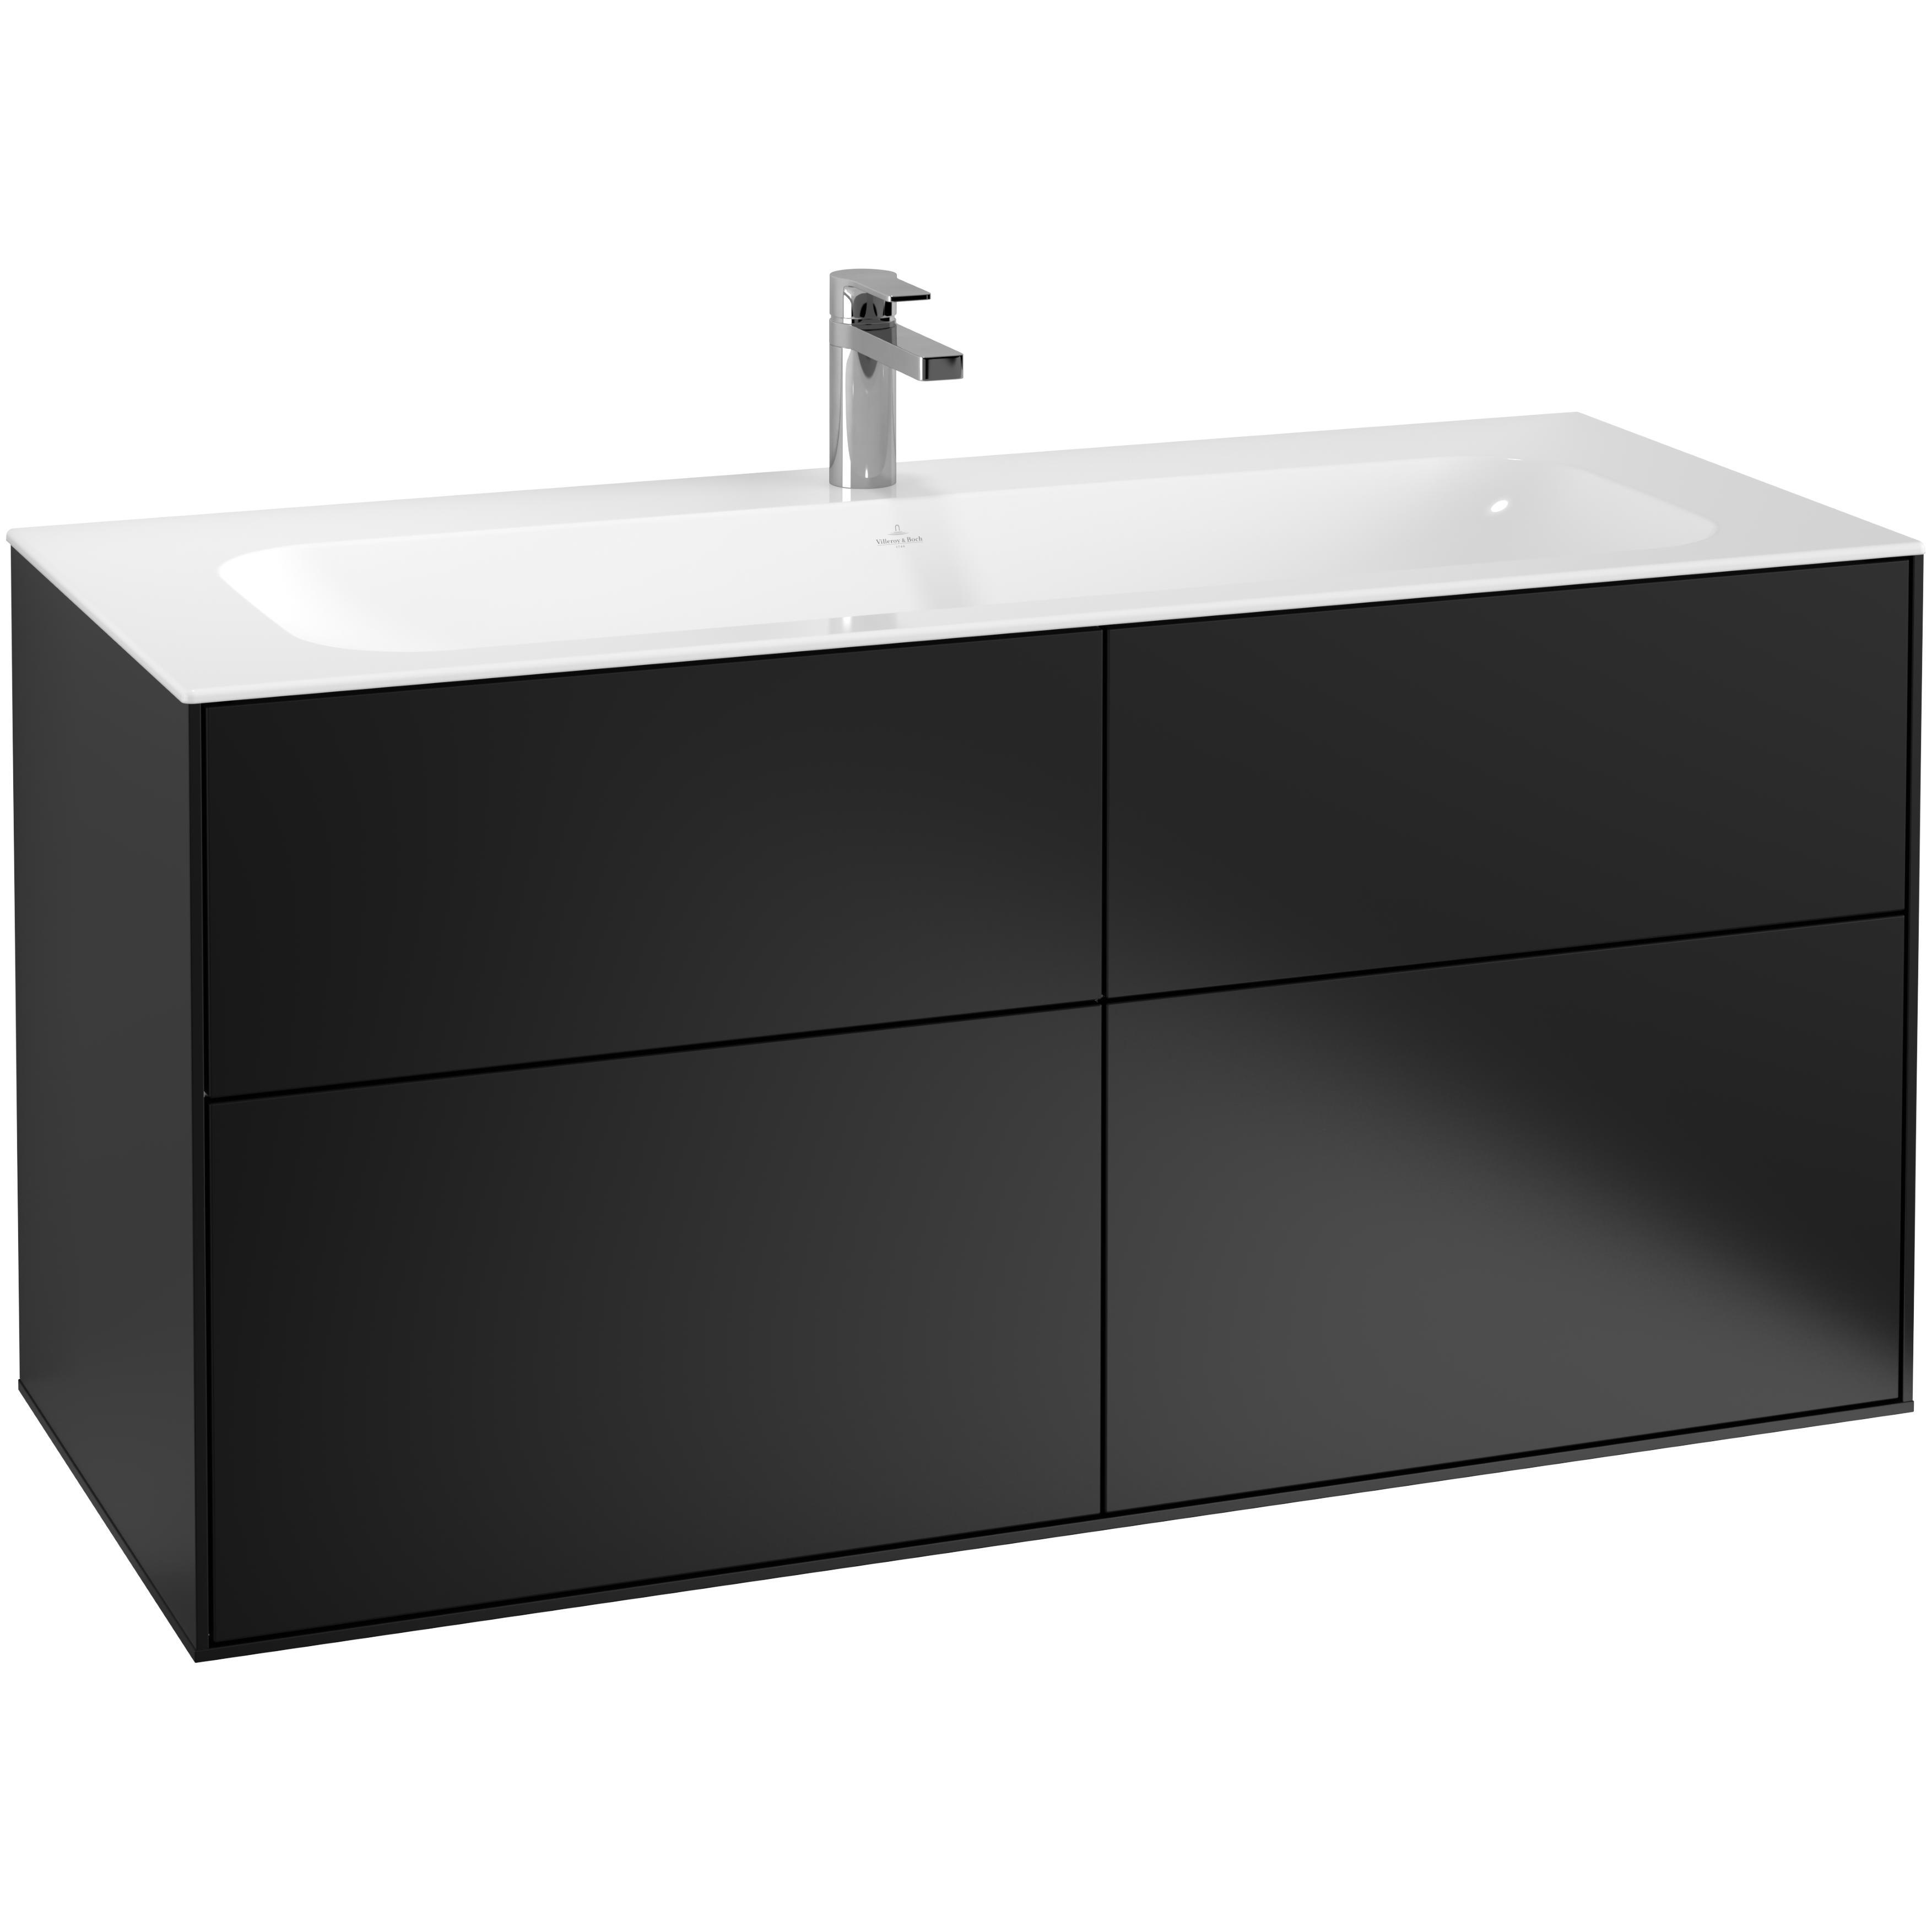 Tvättställsskåp Villeroy & Boch Finion med 4 Lådor för Inbyggt Tvättställ